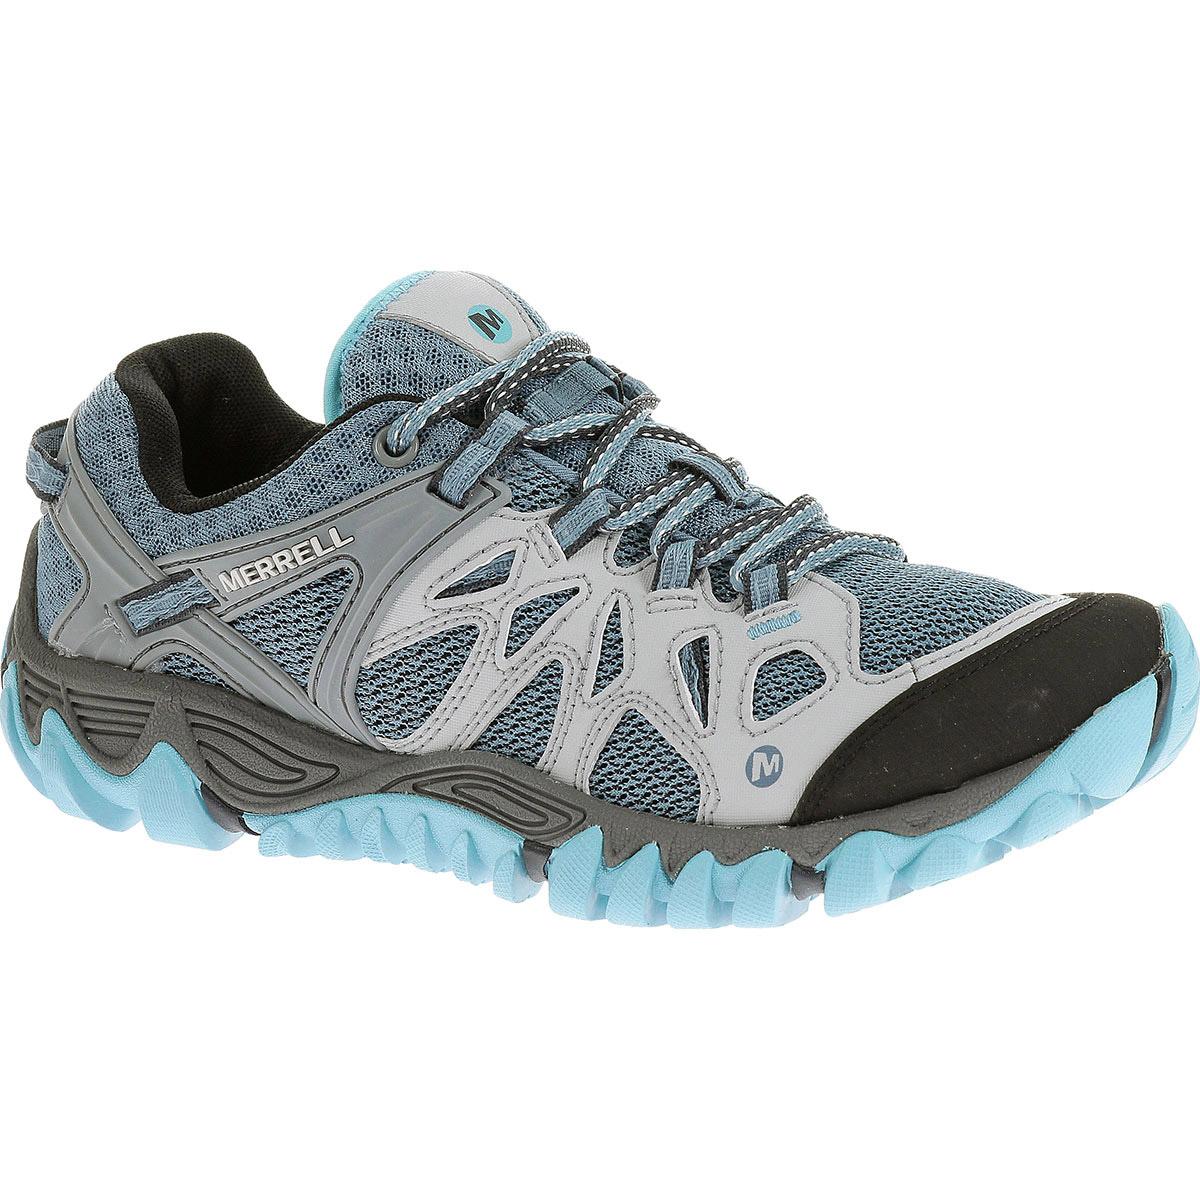 Out Blaze Aero Sport Hiking Shoes